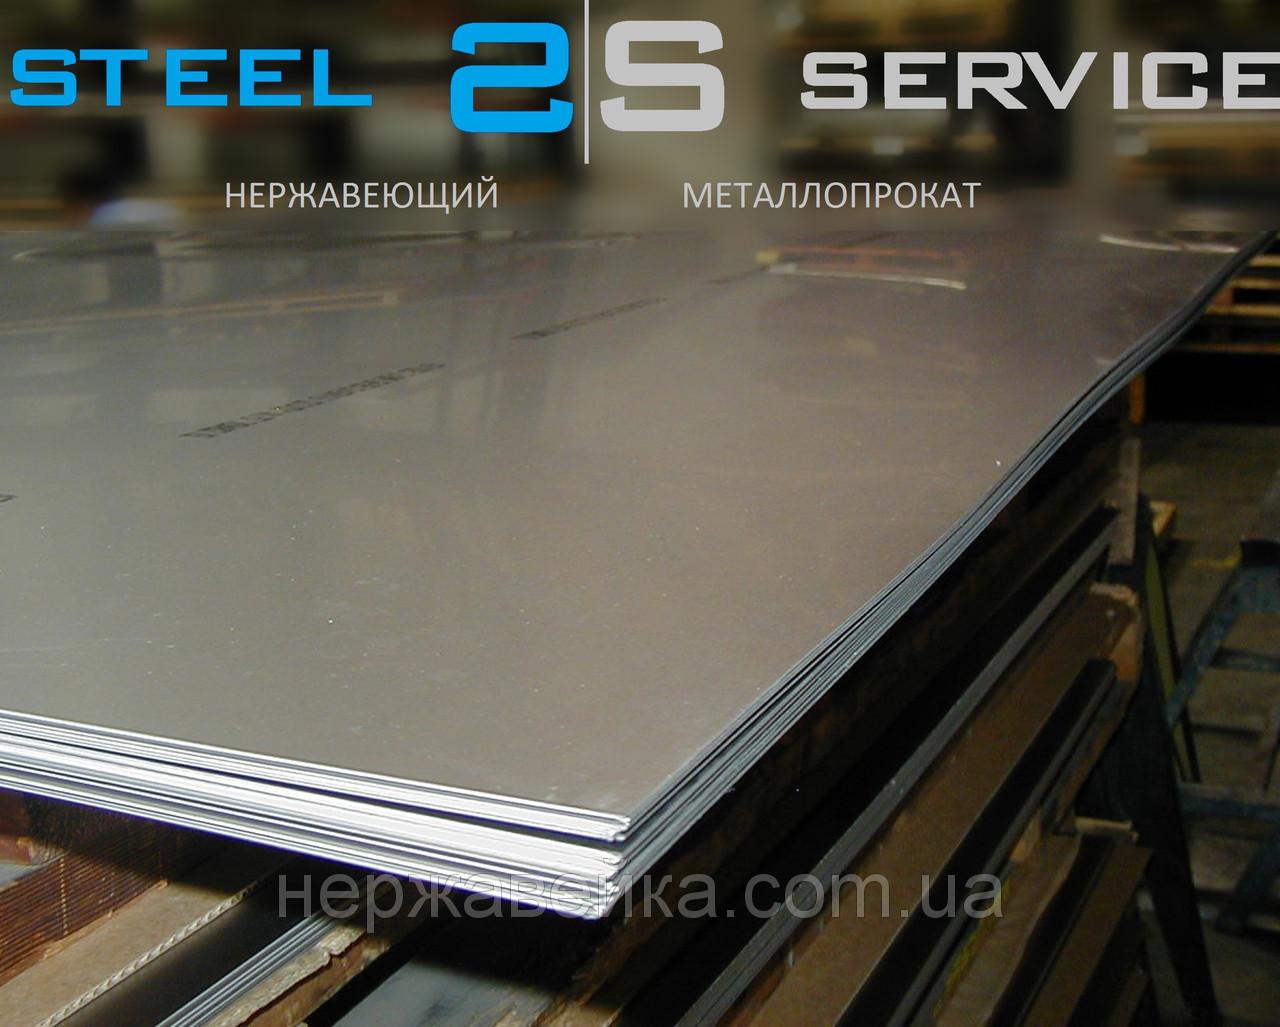 Нержавеющий лист 5х1250х2500мм  AISI 304(08Х18Н10) F1 - горячекатанный,  пищевой